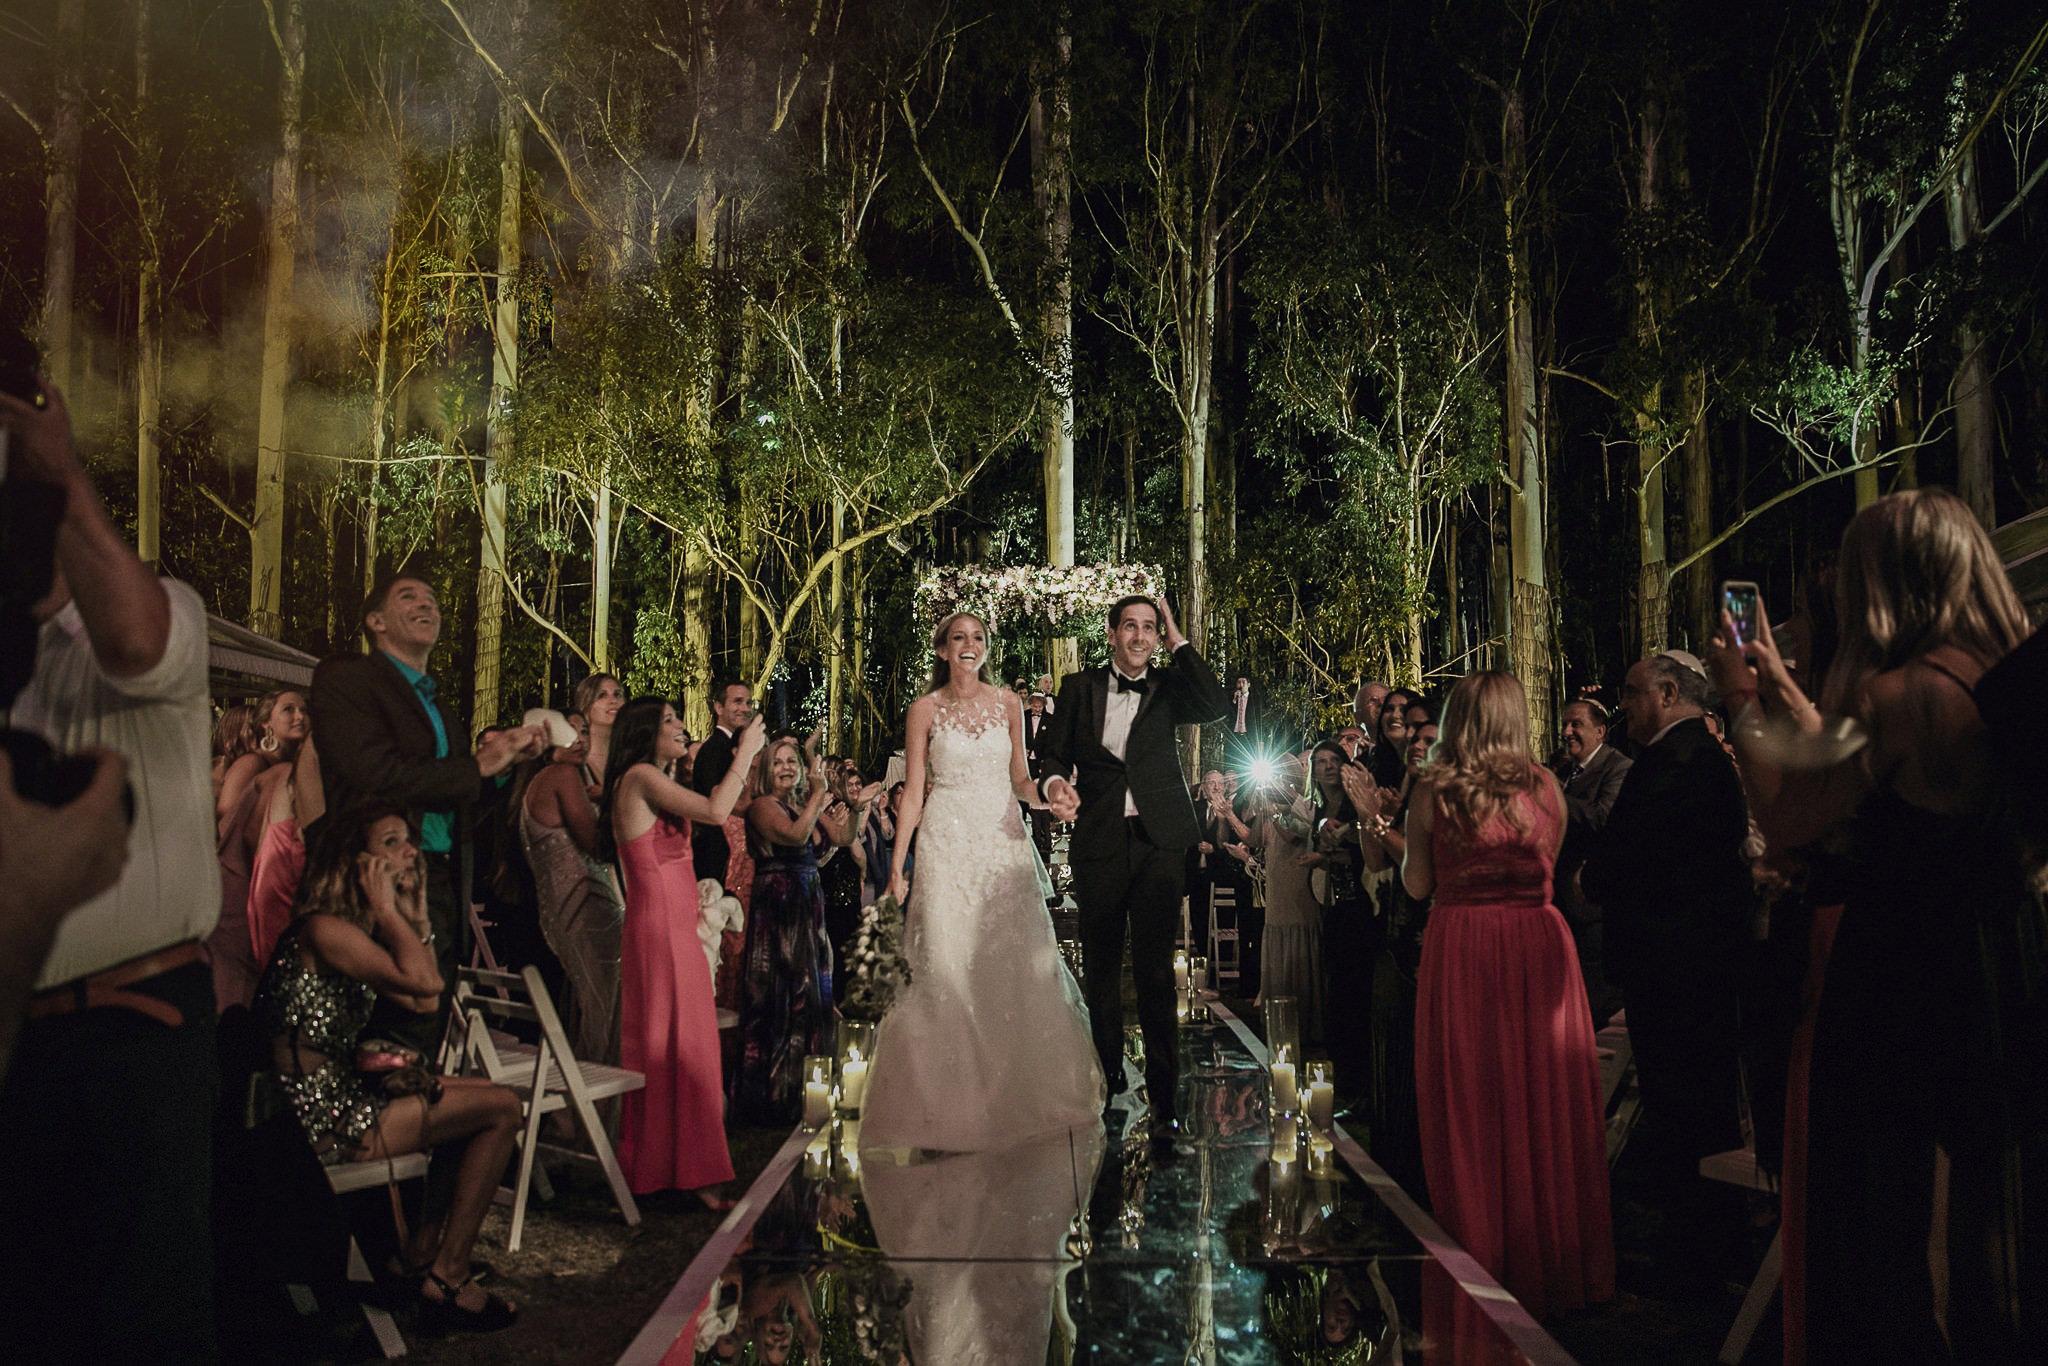 boda en la hacienda - fotografia de bodas montevideo